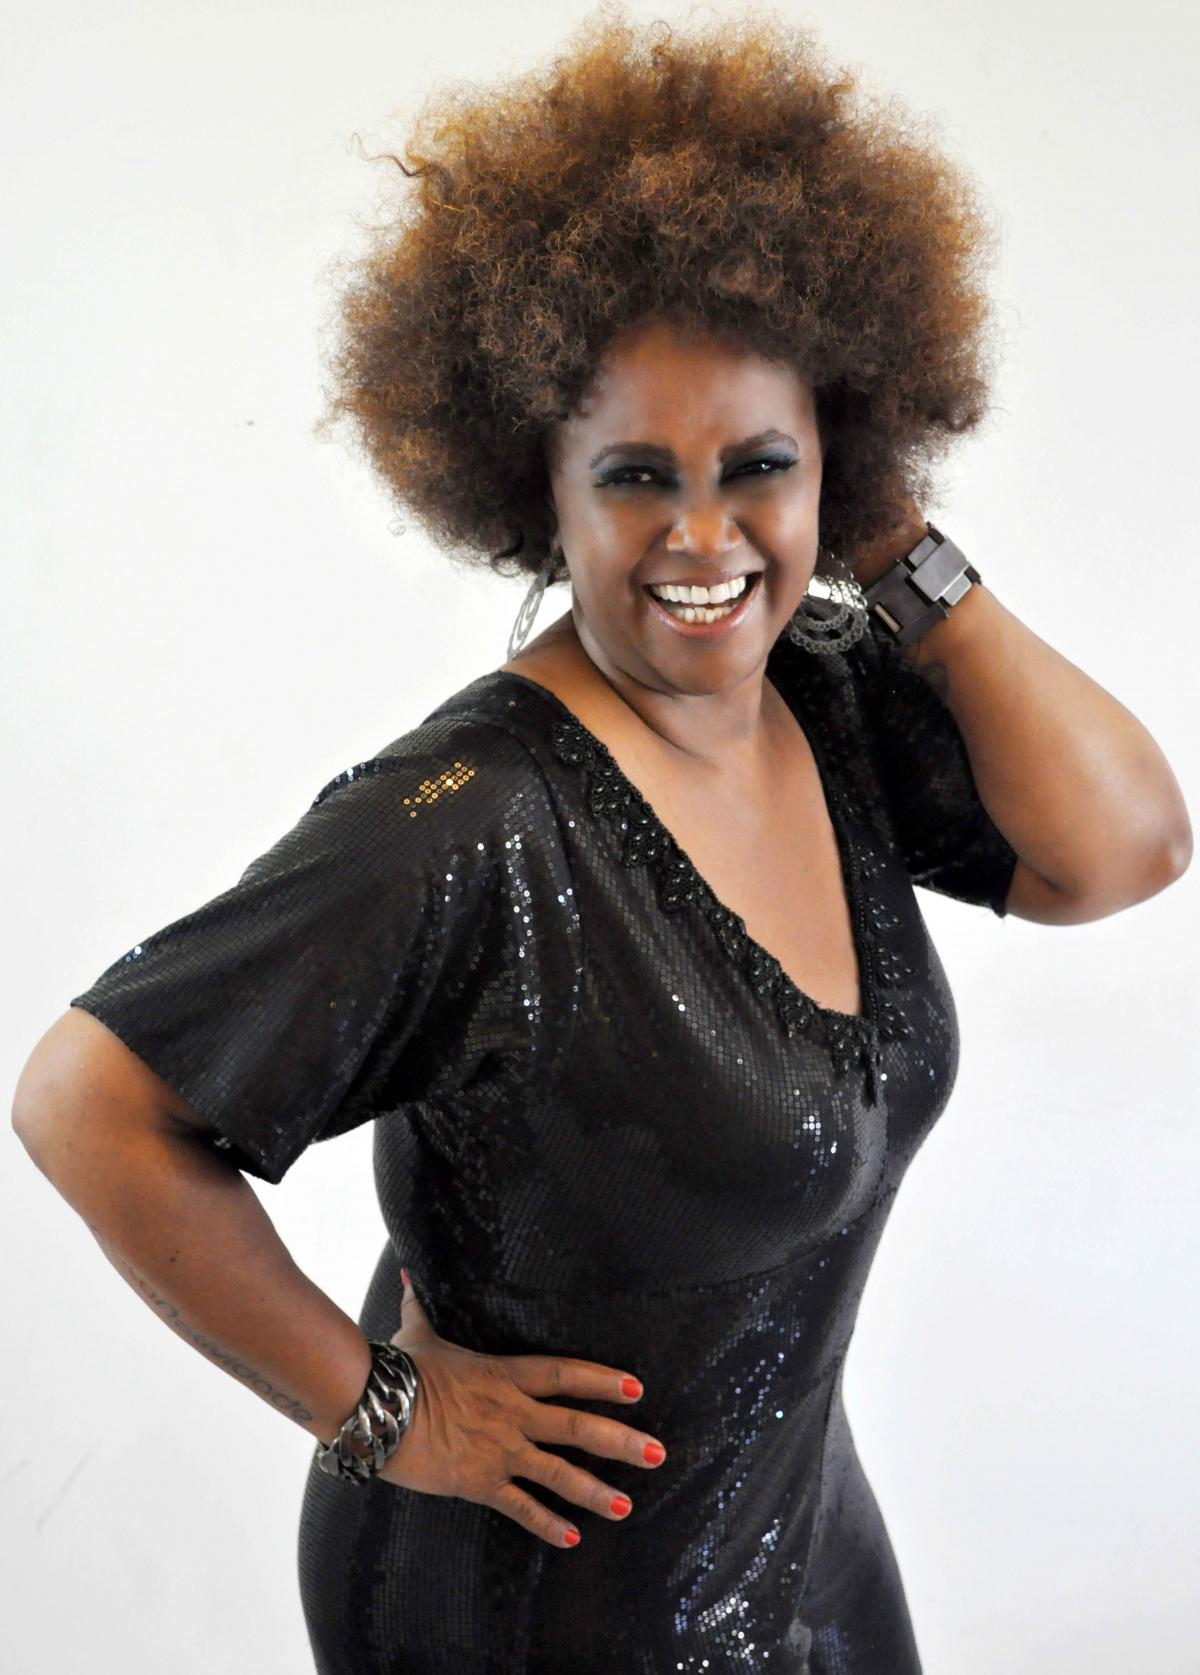 Sandra de Sá fará dois shows e participa de um bate-papo no evento - Divulgação/ND